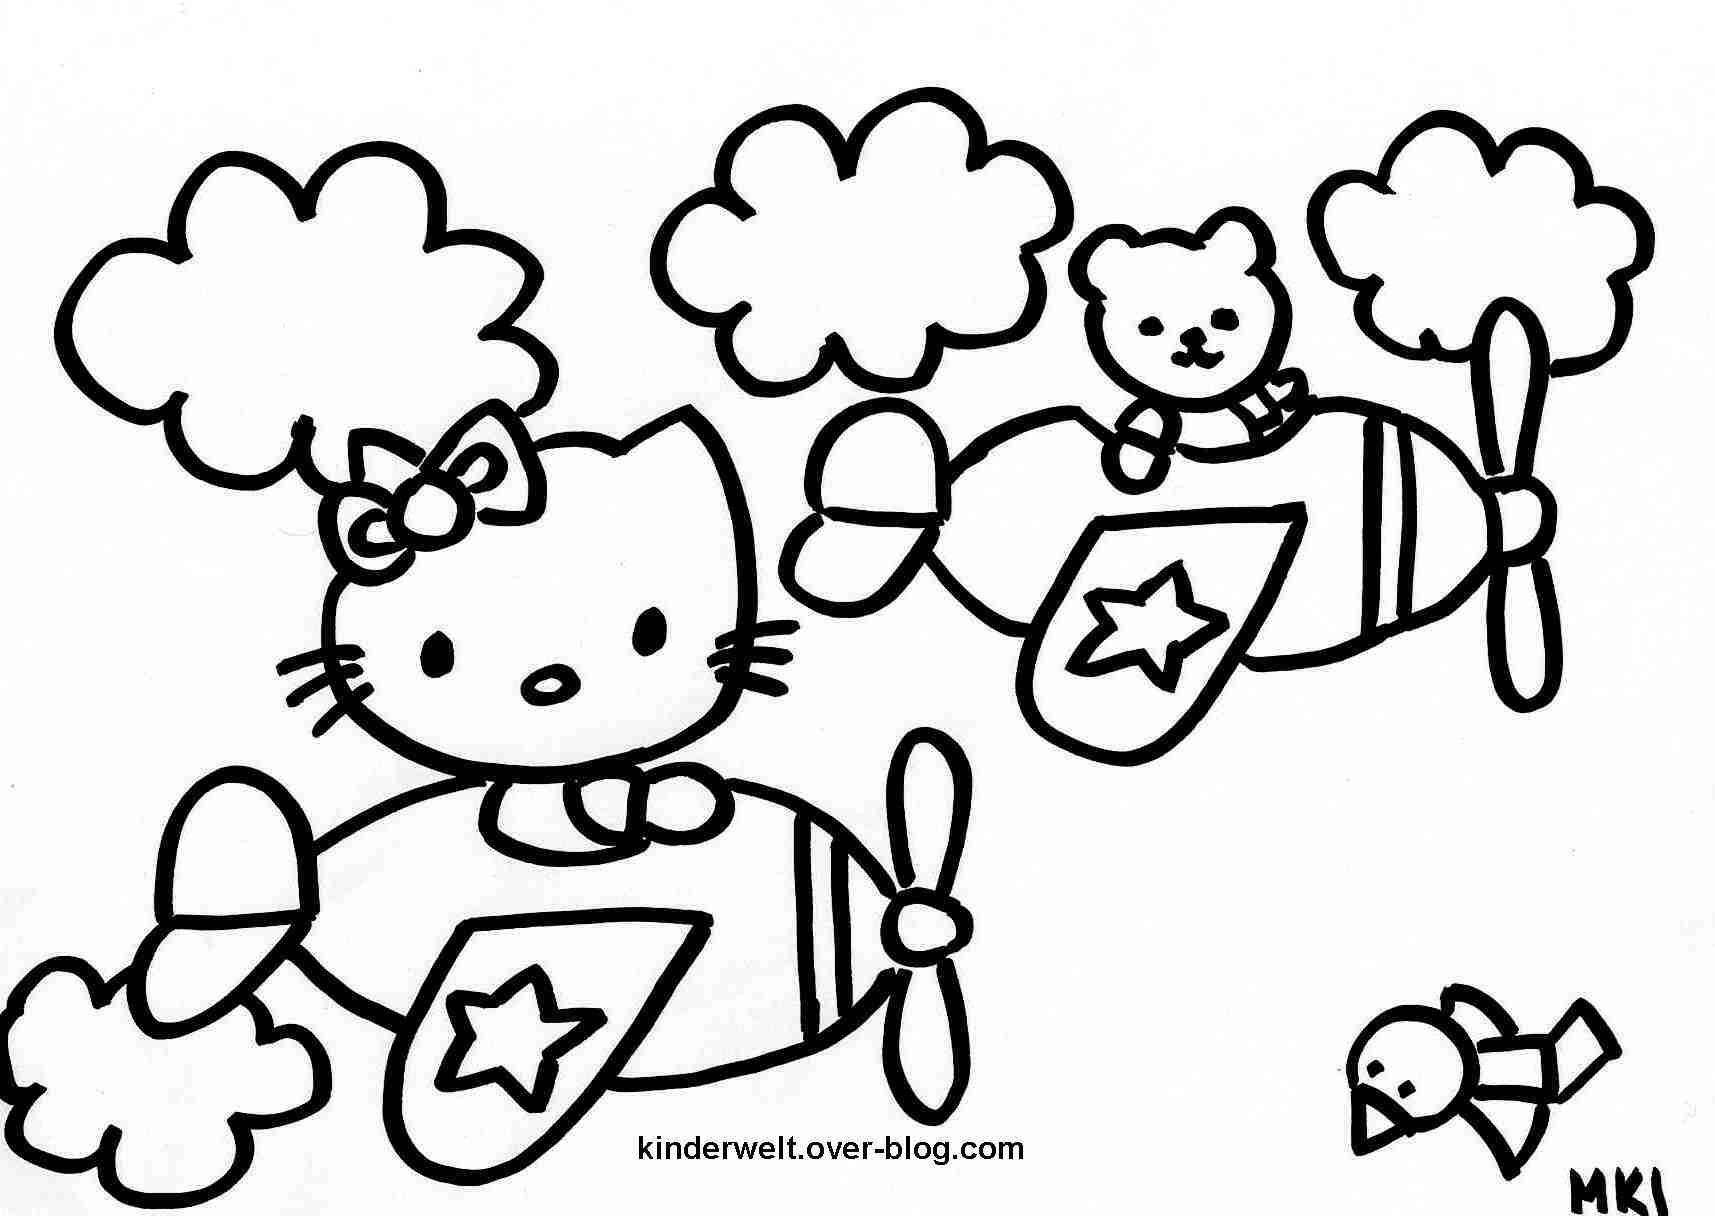 ausmalbilder kind kostenlos ausdrucken Finden Sie besten ausmalbilder kind kostenlos ausdrucken Malvorlagen für Kinder